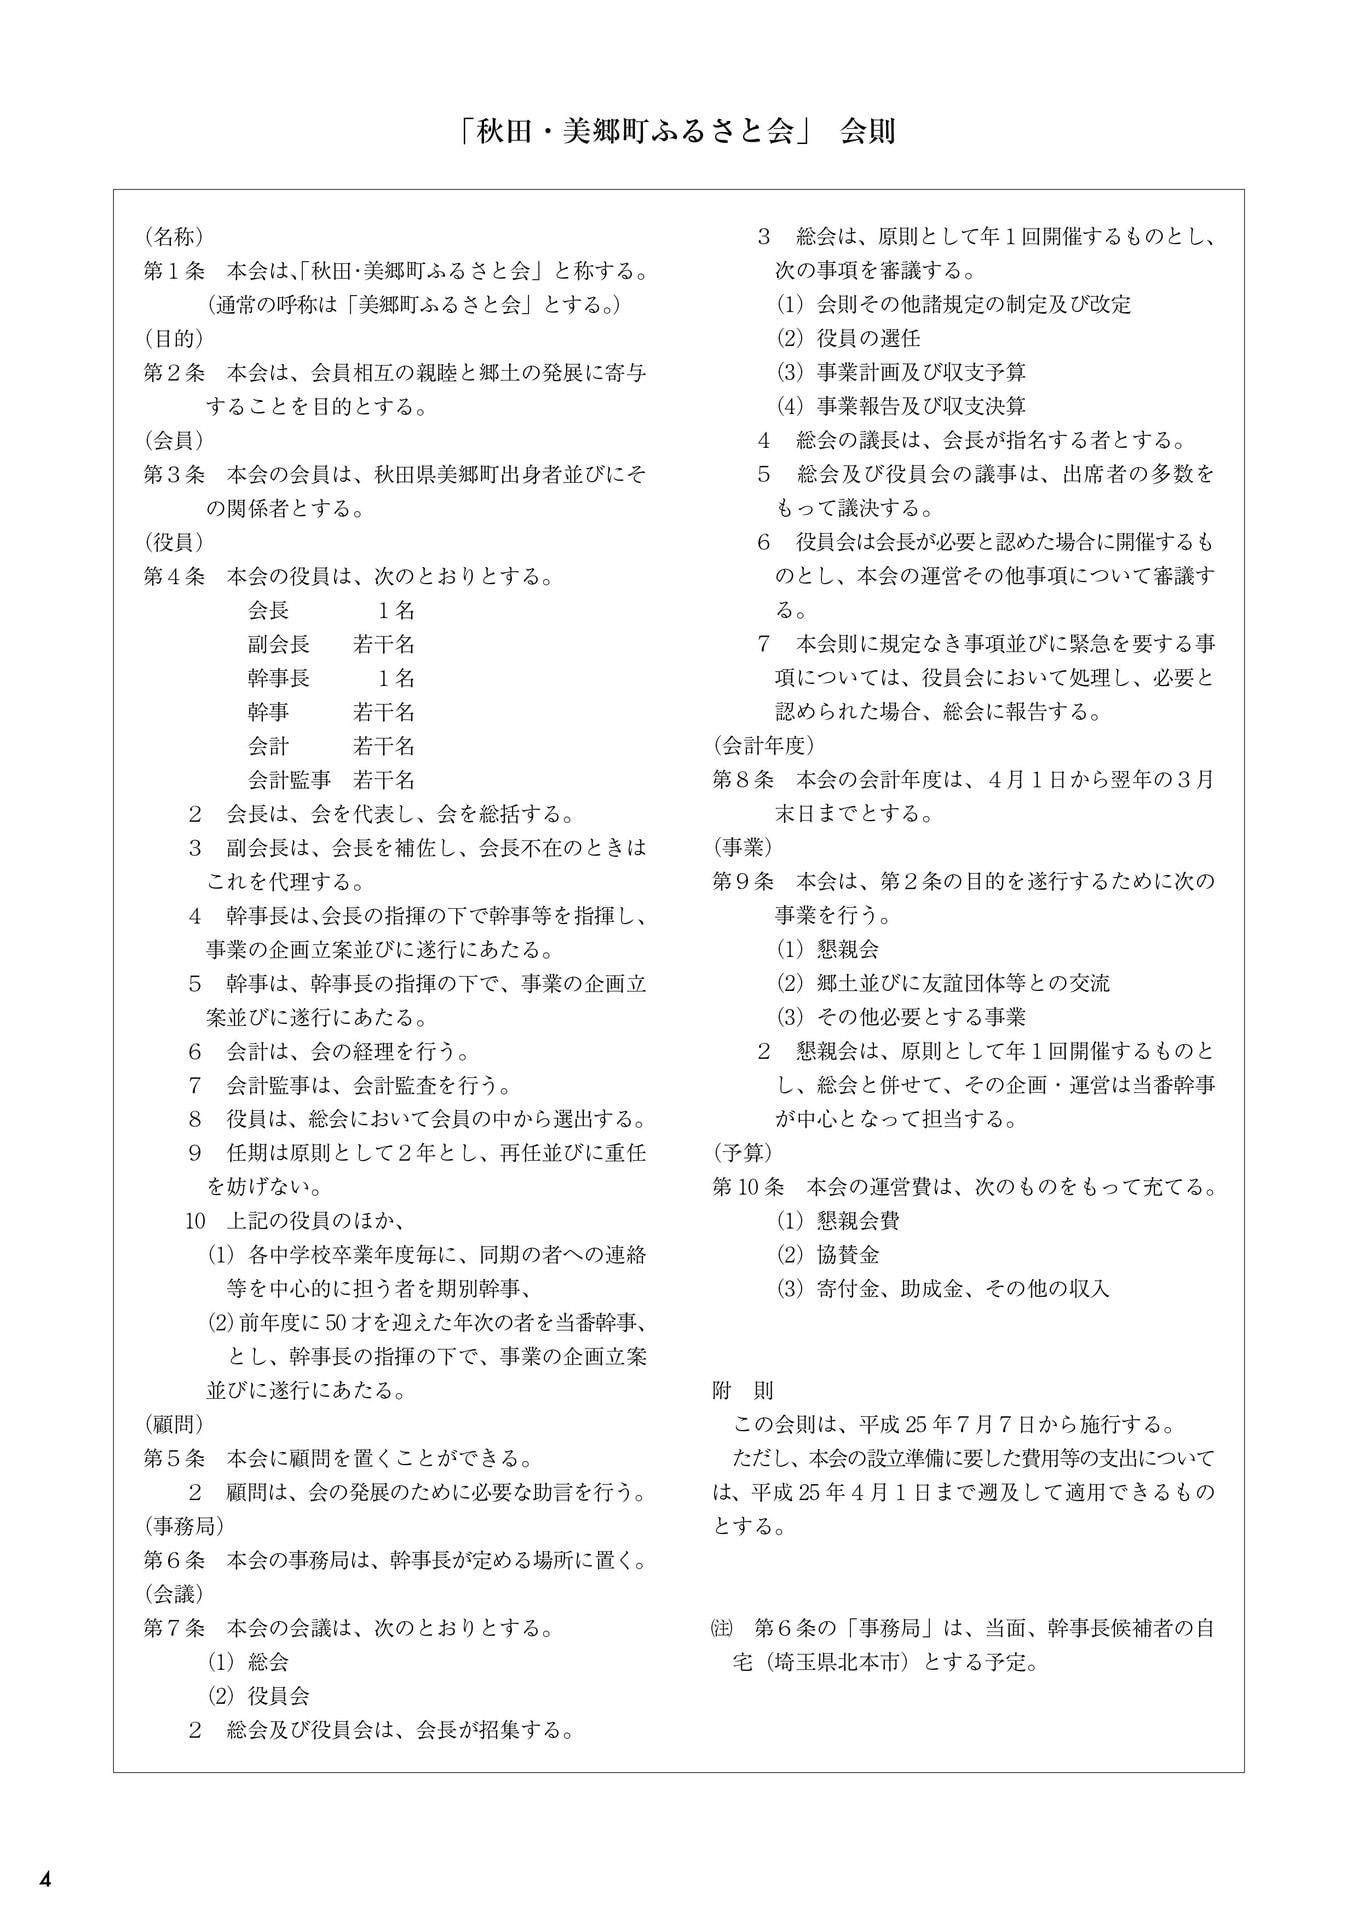 第1回秋田・美郷町ふるさと会パンフレット(会則)